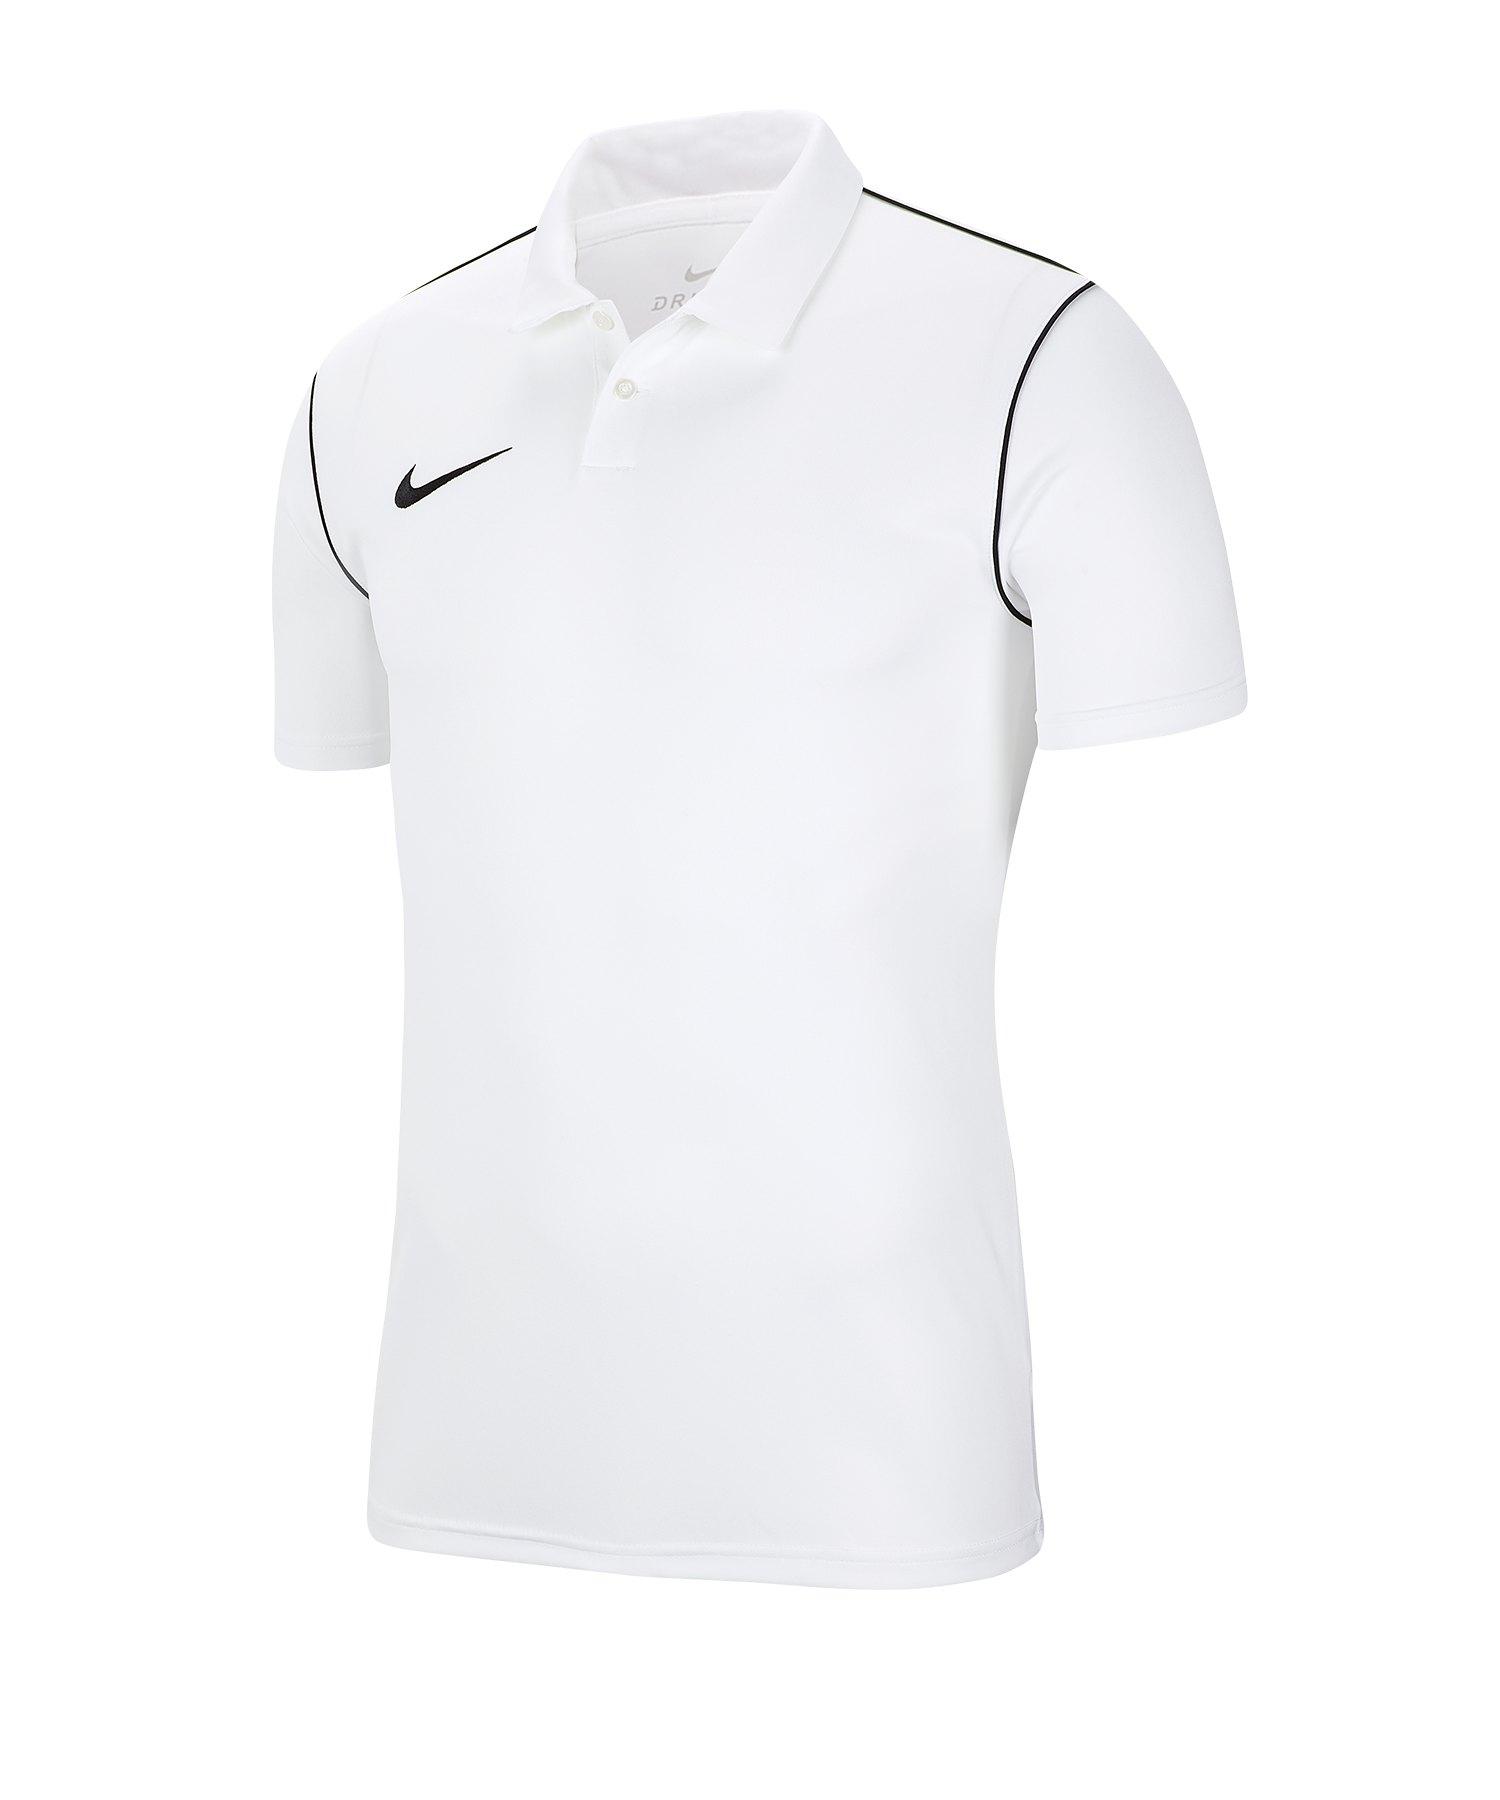 Nike Park 20 Poloshirt Kids Weiss F100 - weiss